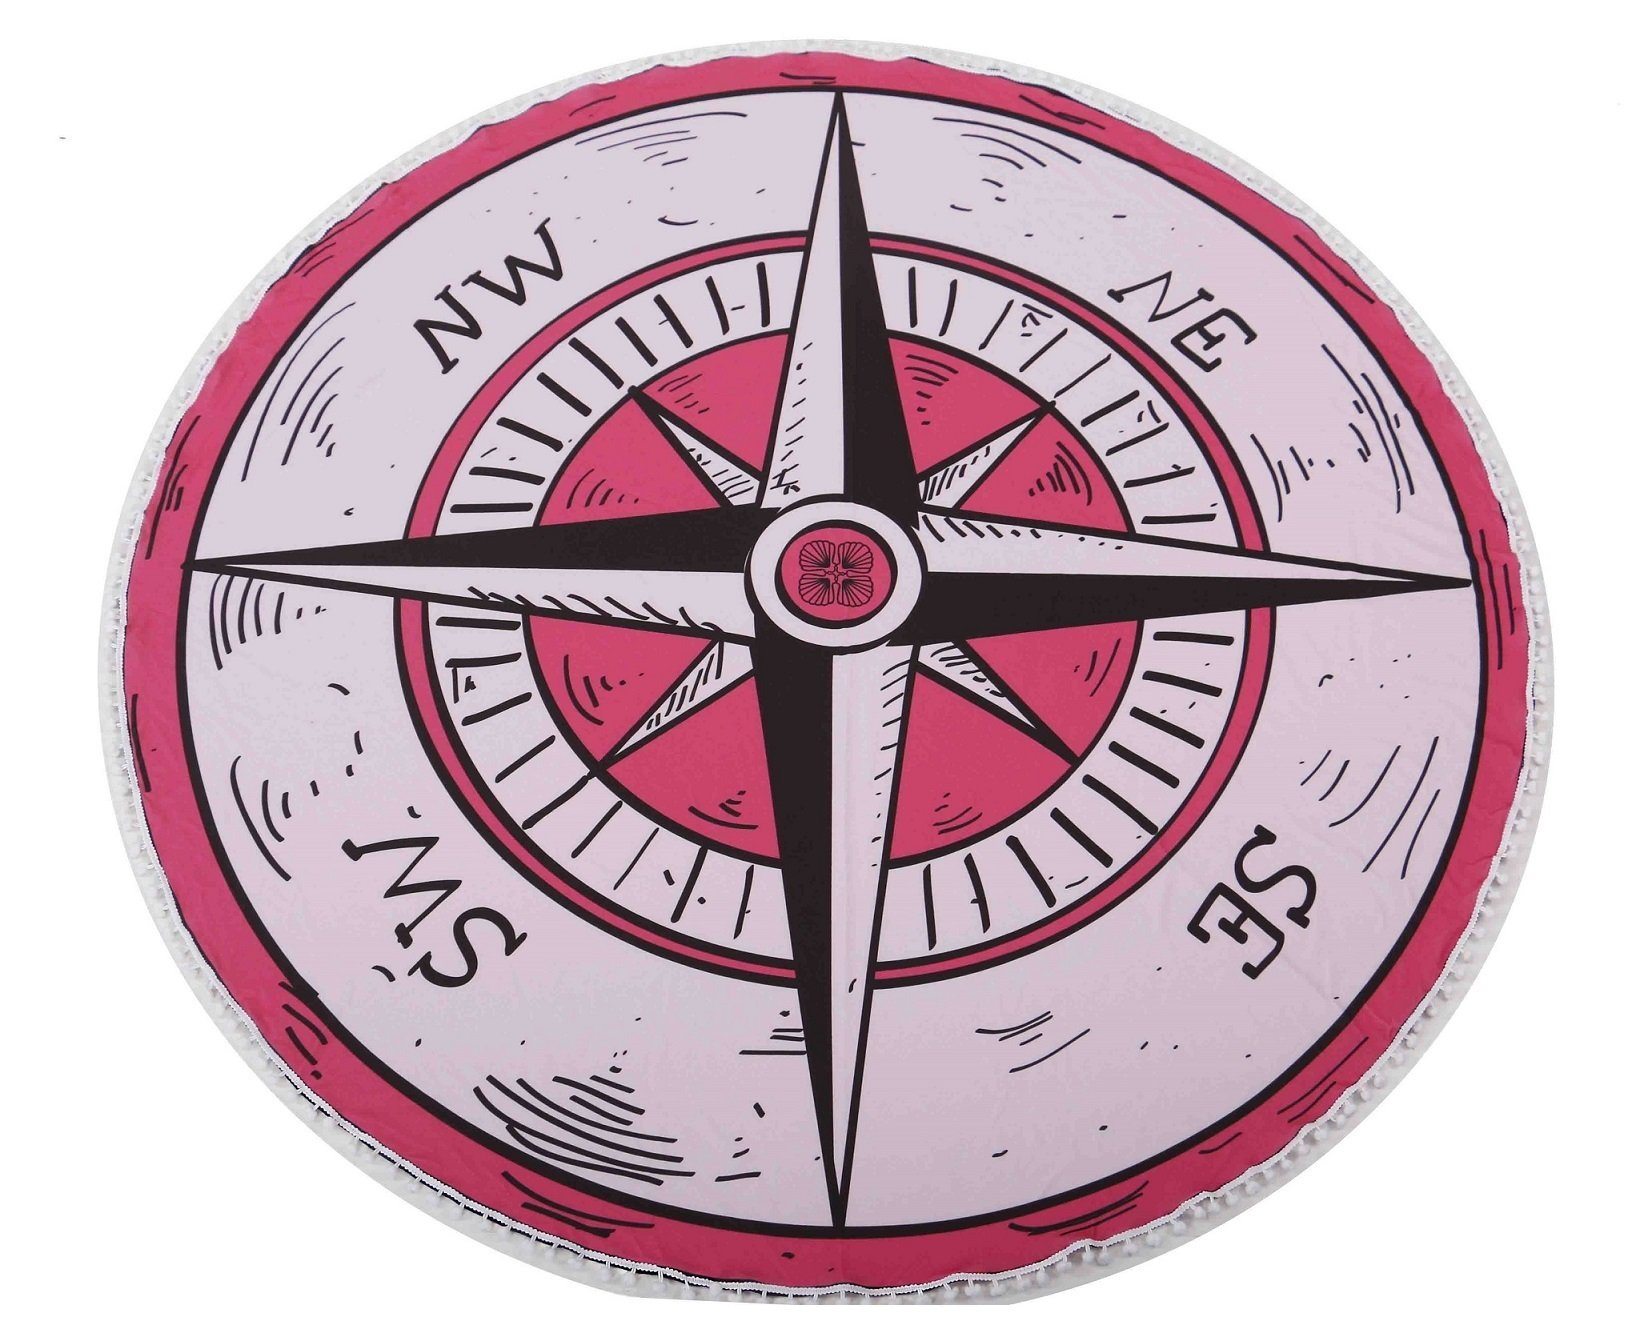 canga-redonda-praia-rosa-dos-ventos-maretoa